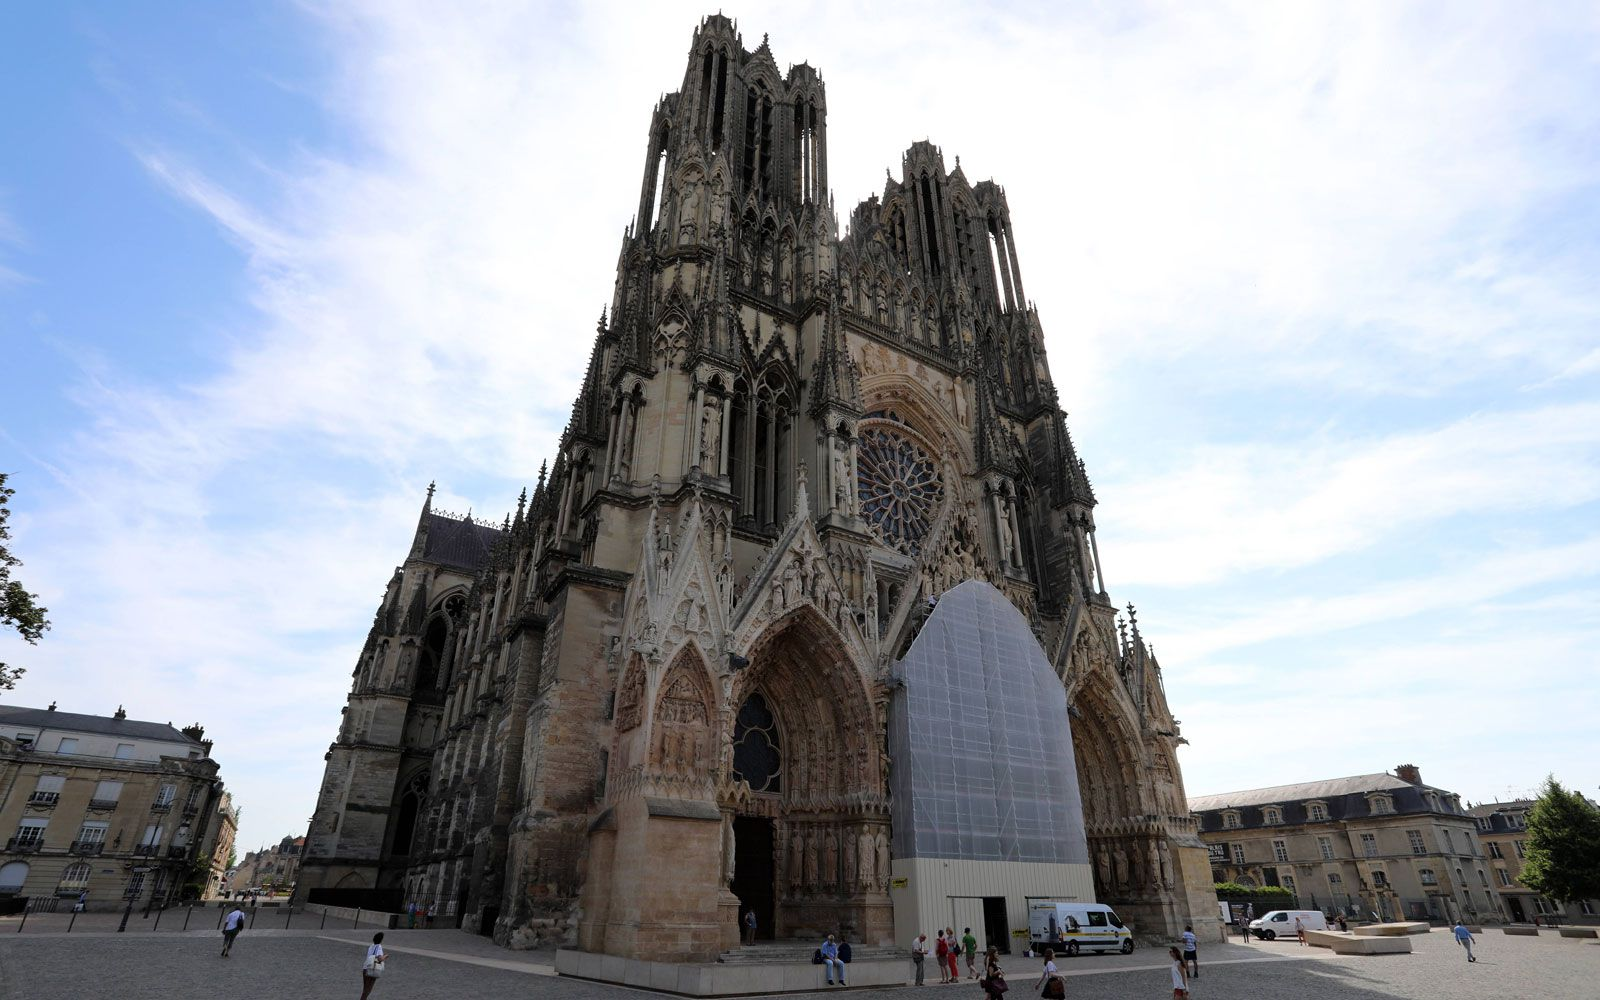 Die berühmte Kathedrale von Reims: Wände wurden durch Rippen, Pfeiler, Glasfenster aufgelöst.